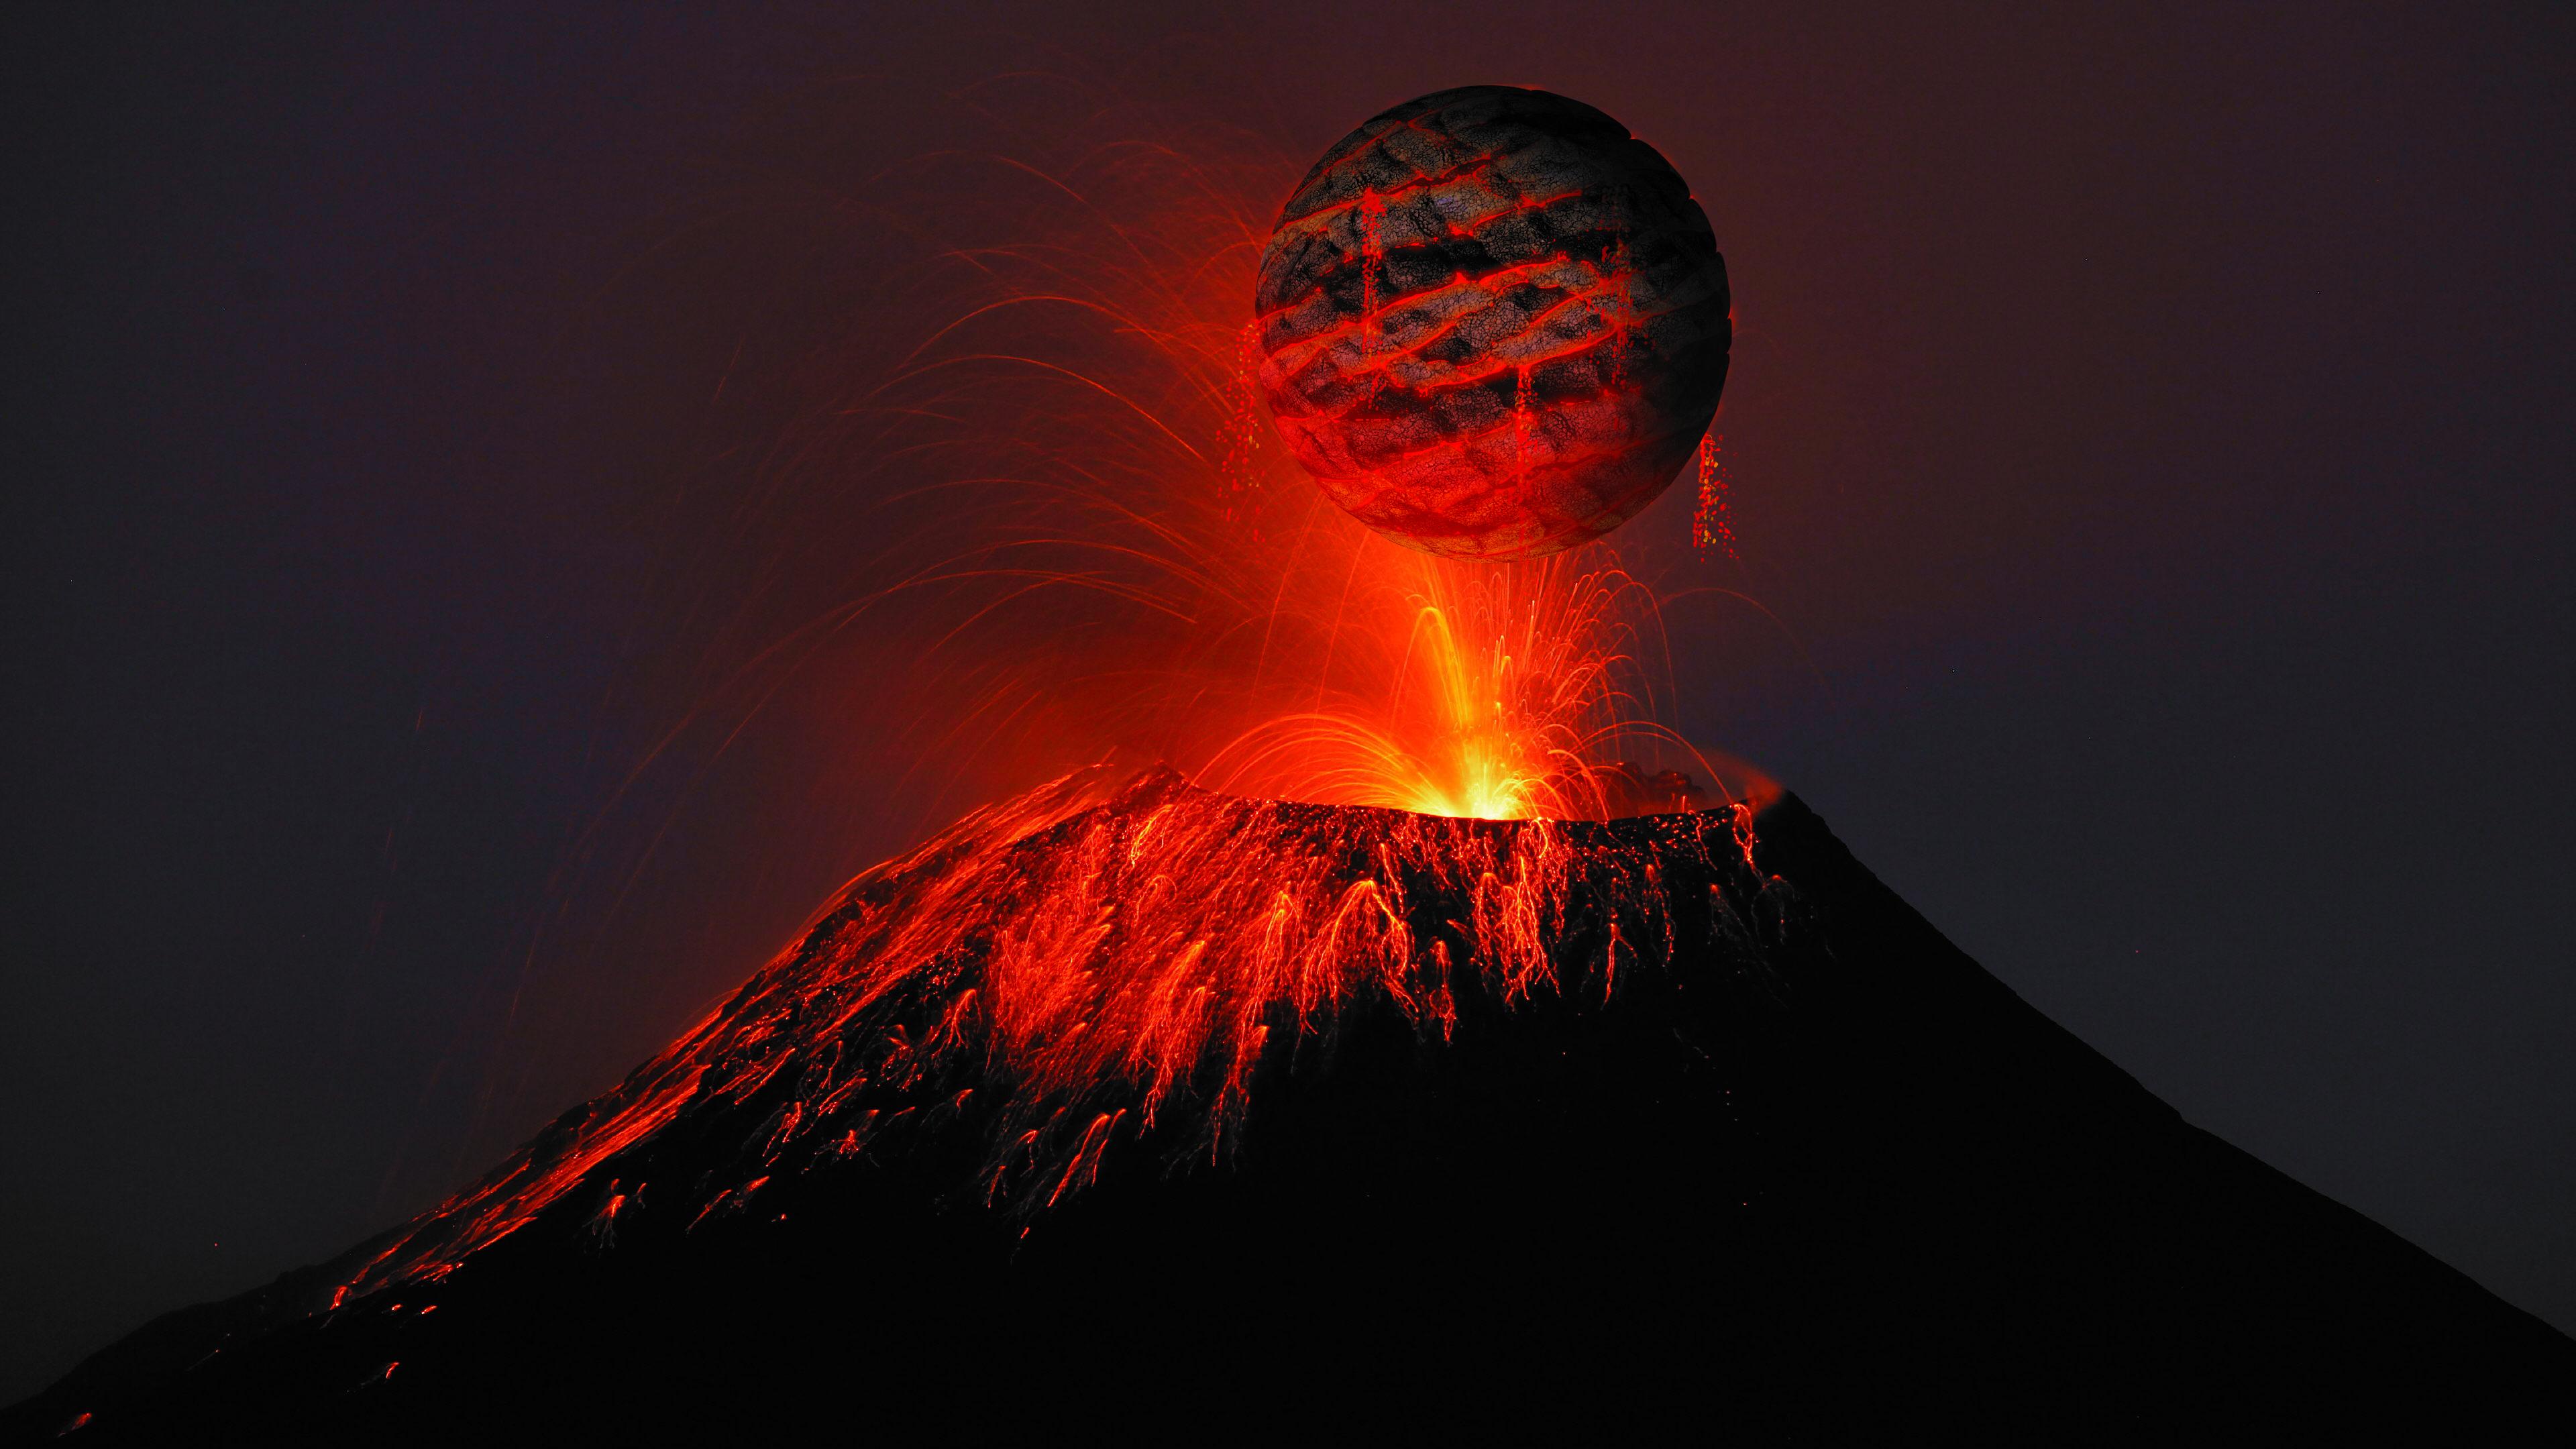 vulkan скачать бесплатно